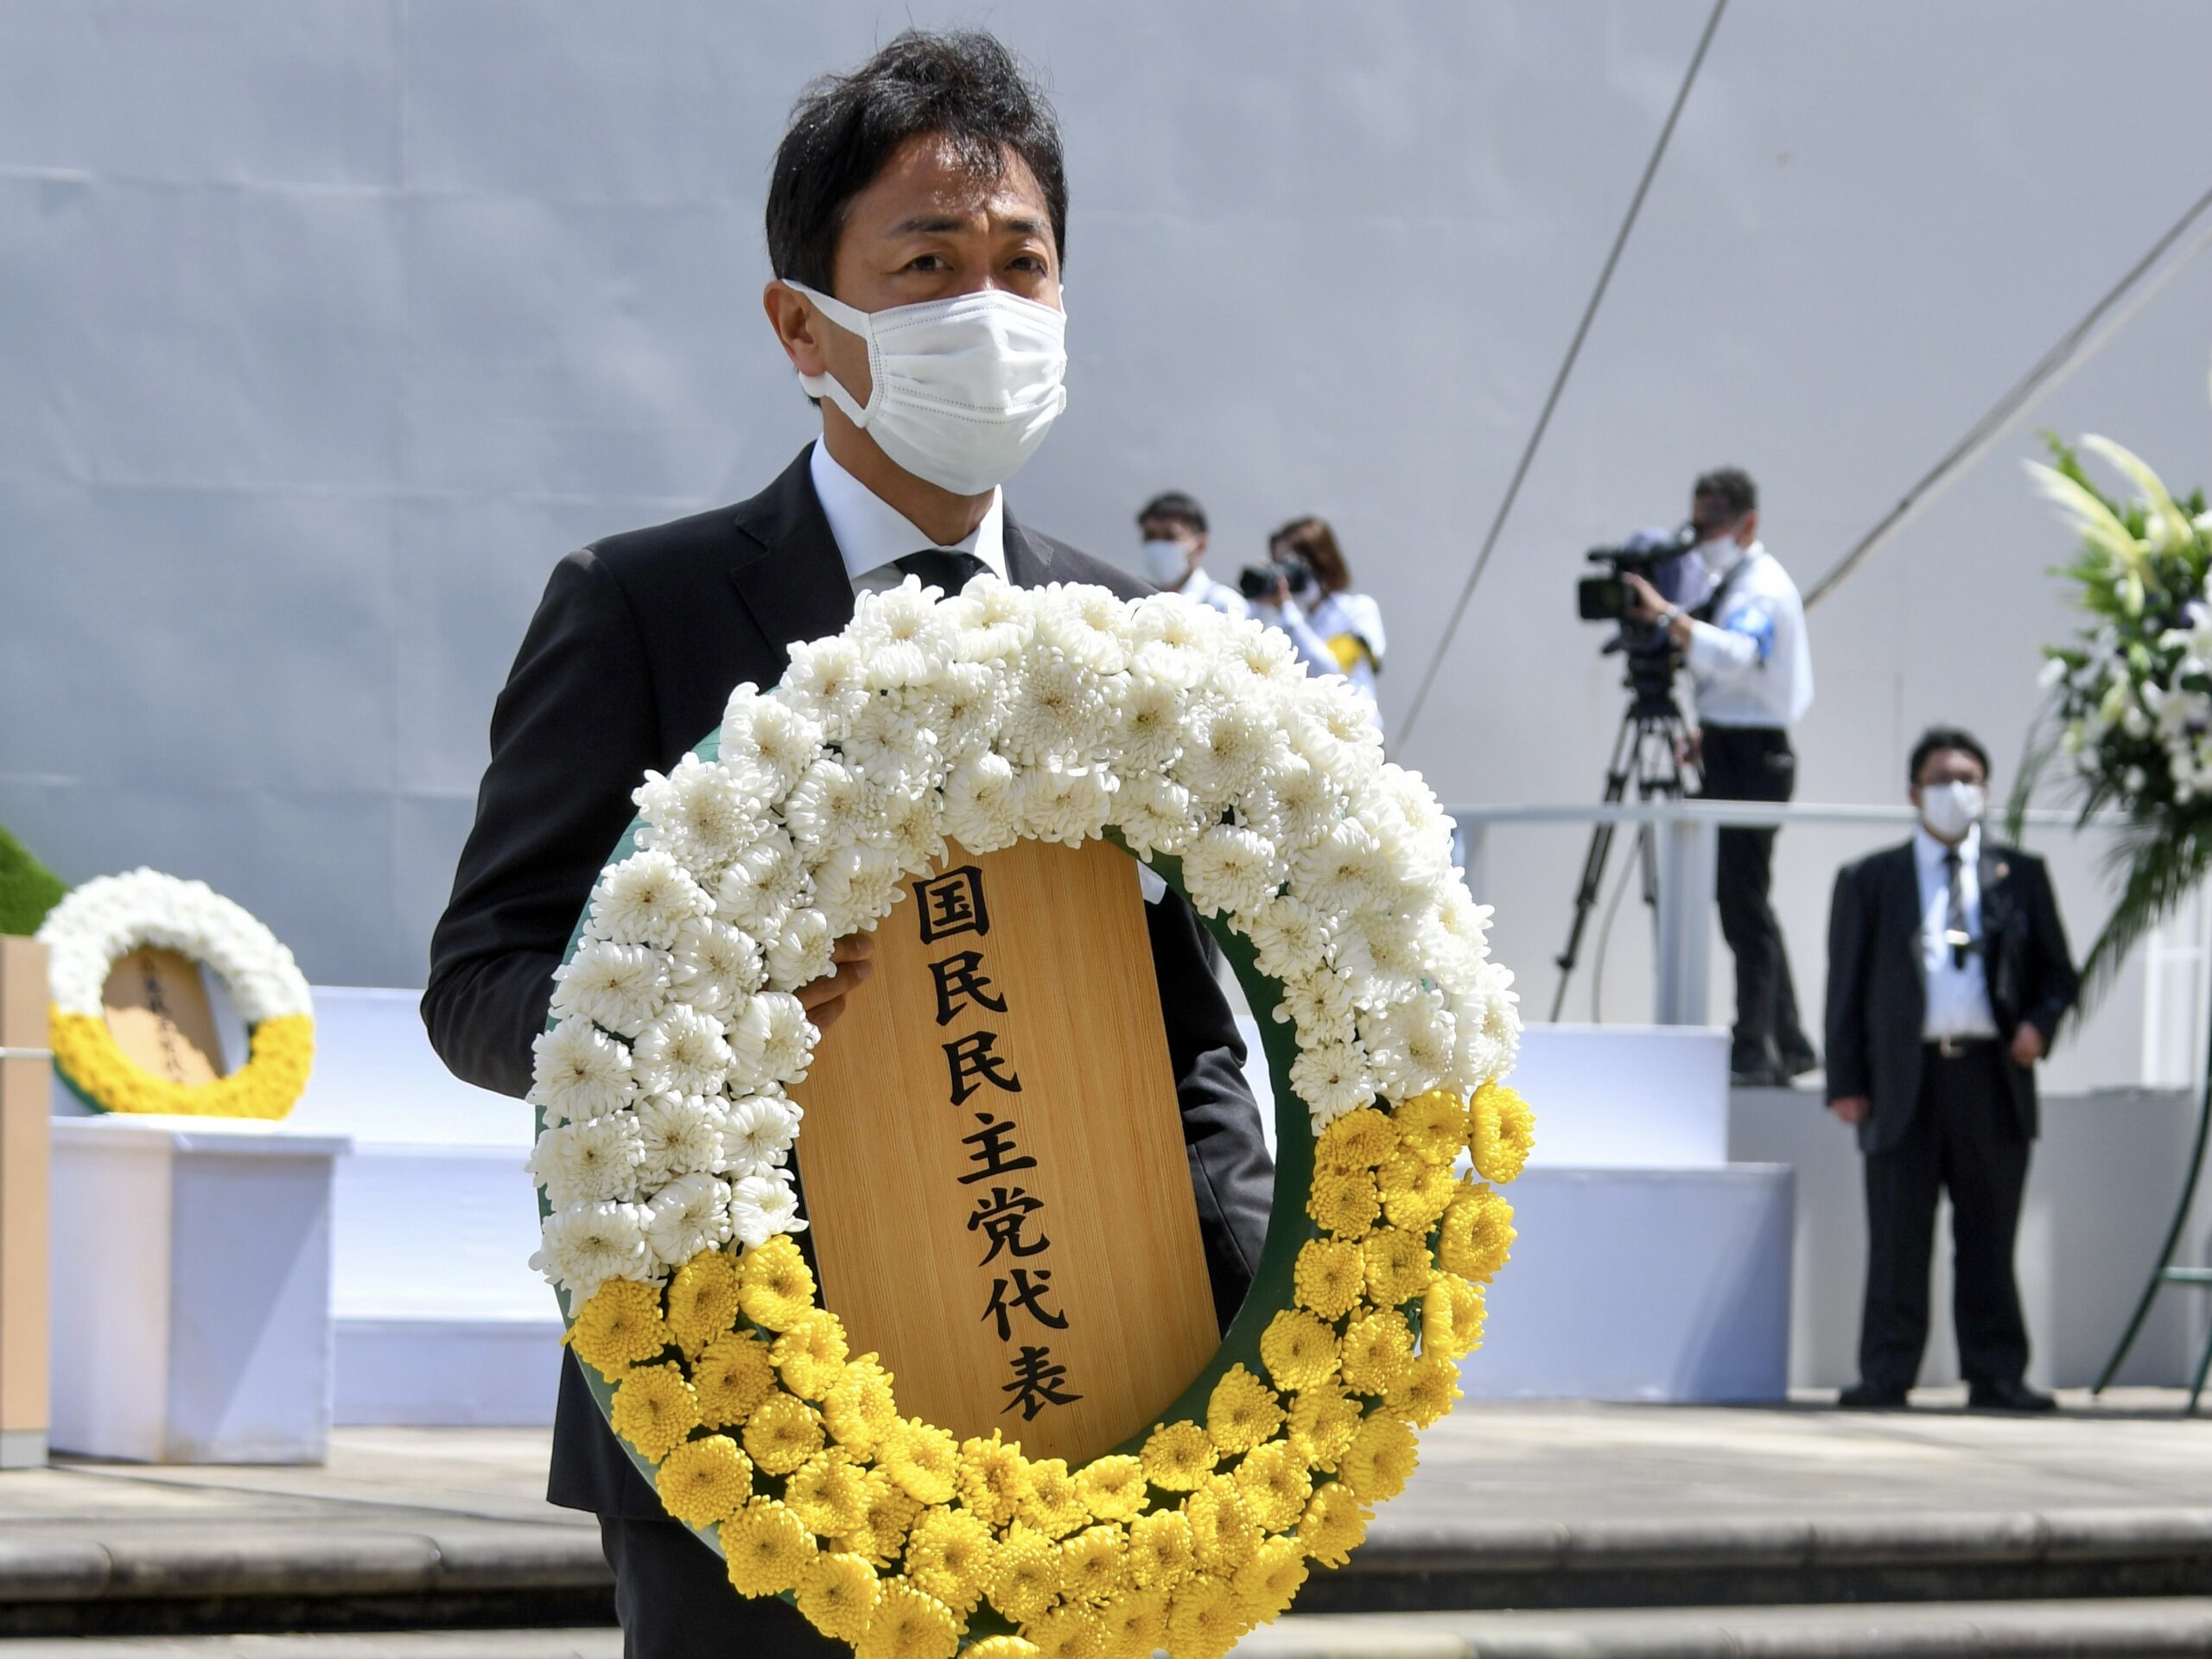 【長崎】玉木代表が被爆76周年長崎原爆犠牲者慰霊平和祈念式典に参列